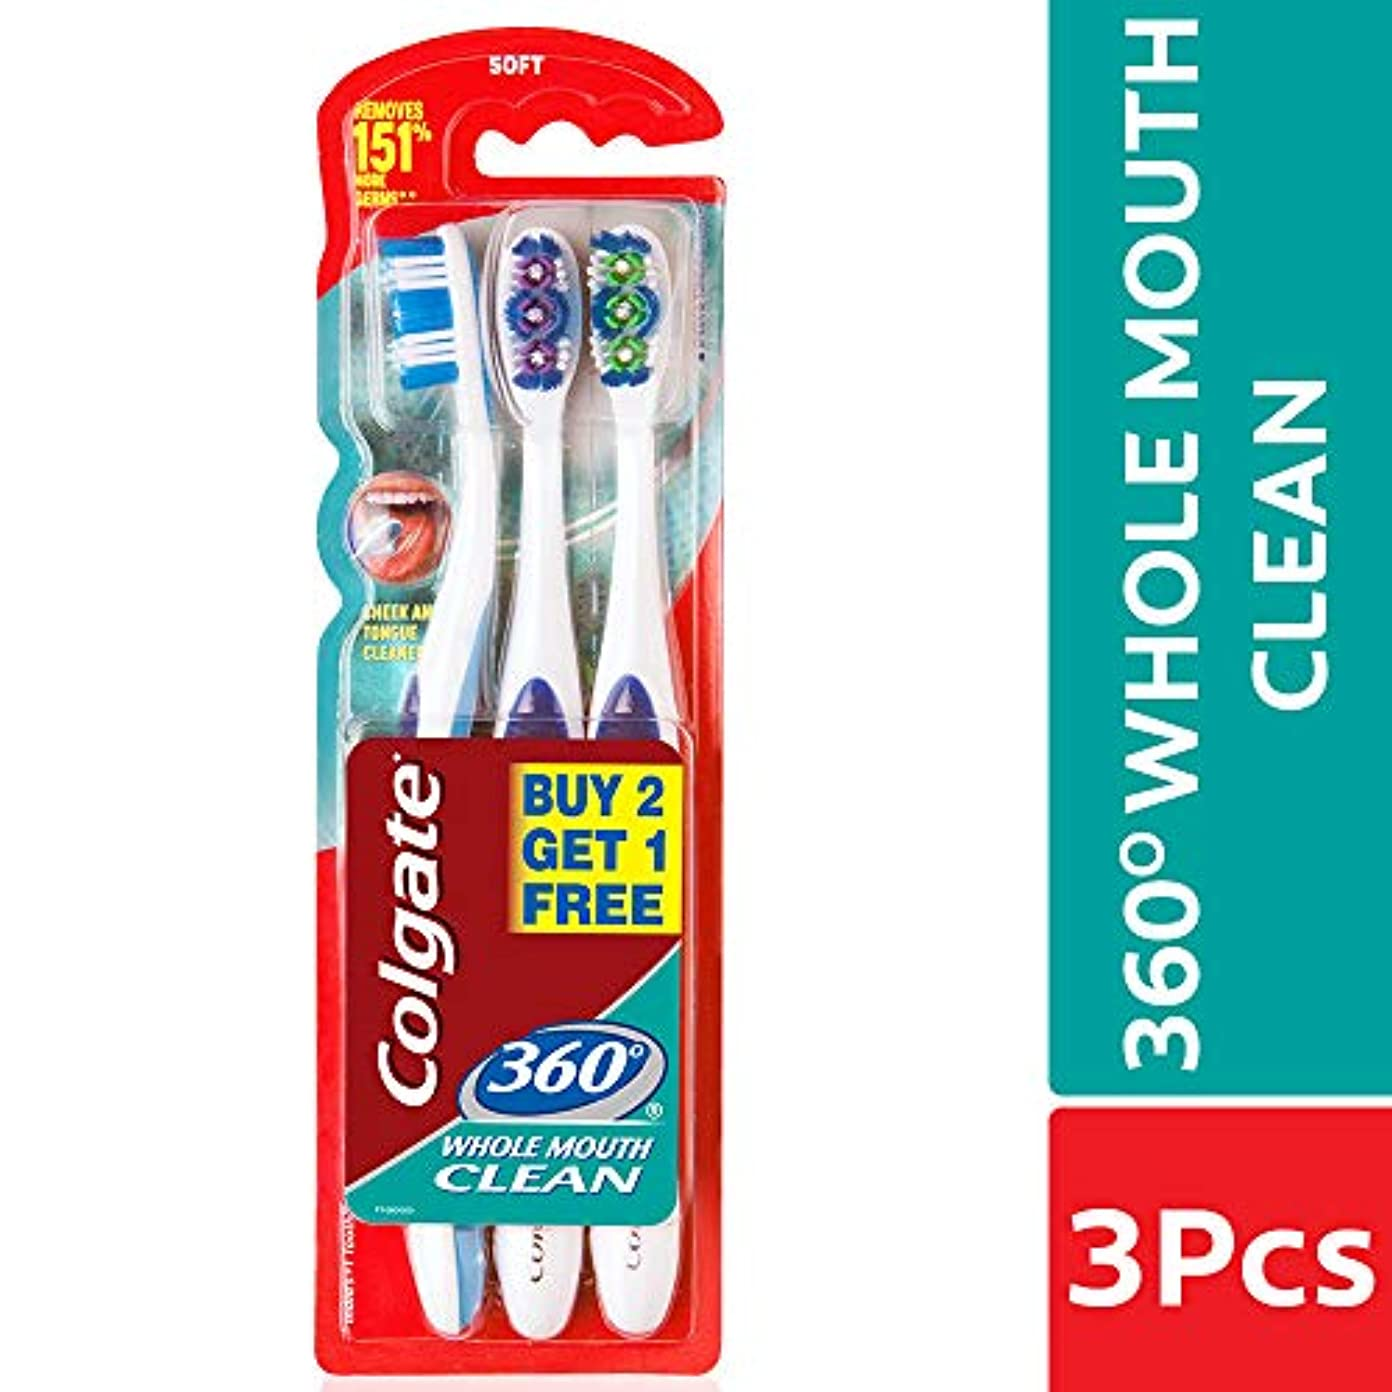 散歩に行く無駄なメーターColgate 360 whole mouth clean (MEDIUM) toothbrush (3pc pack)